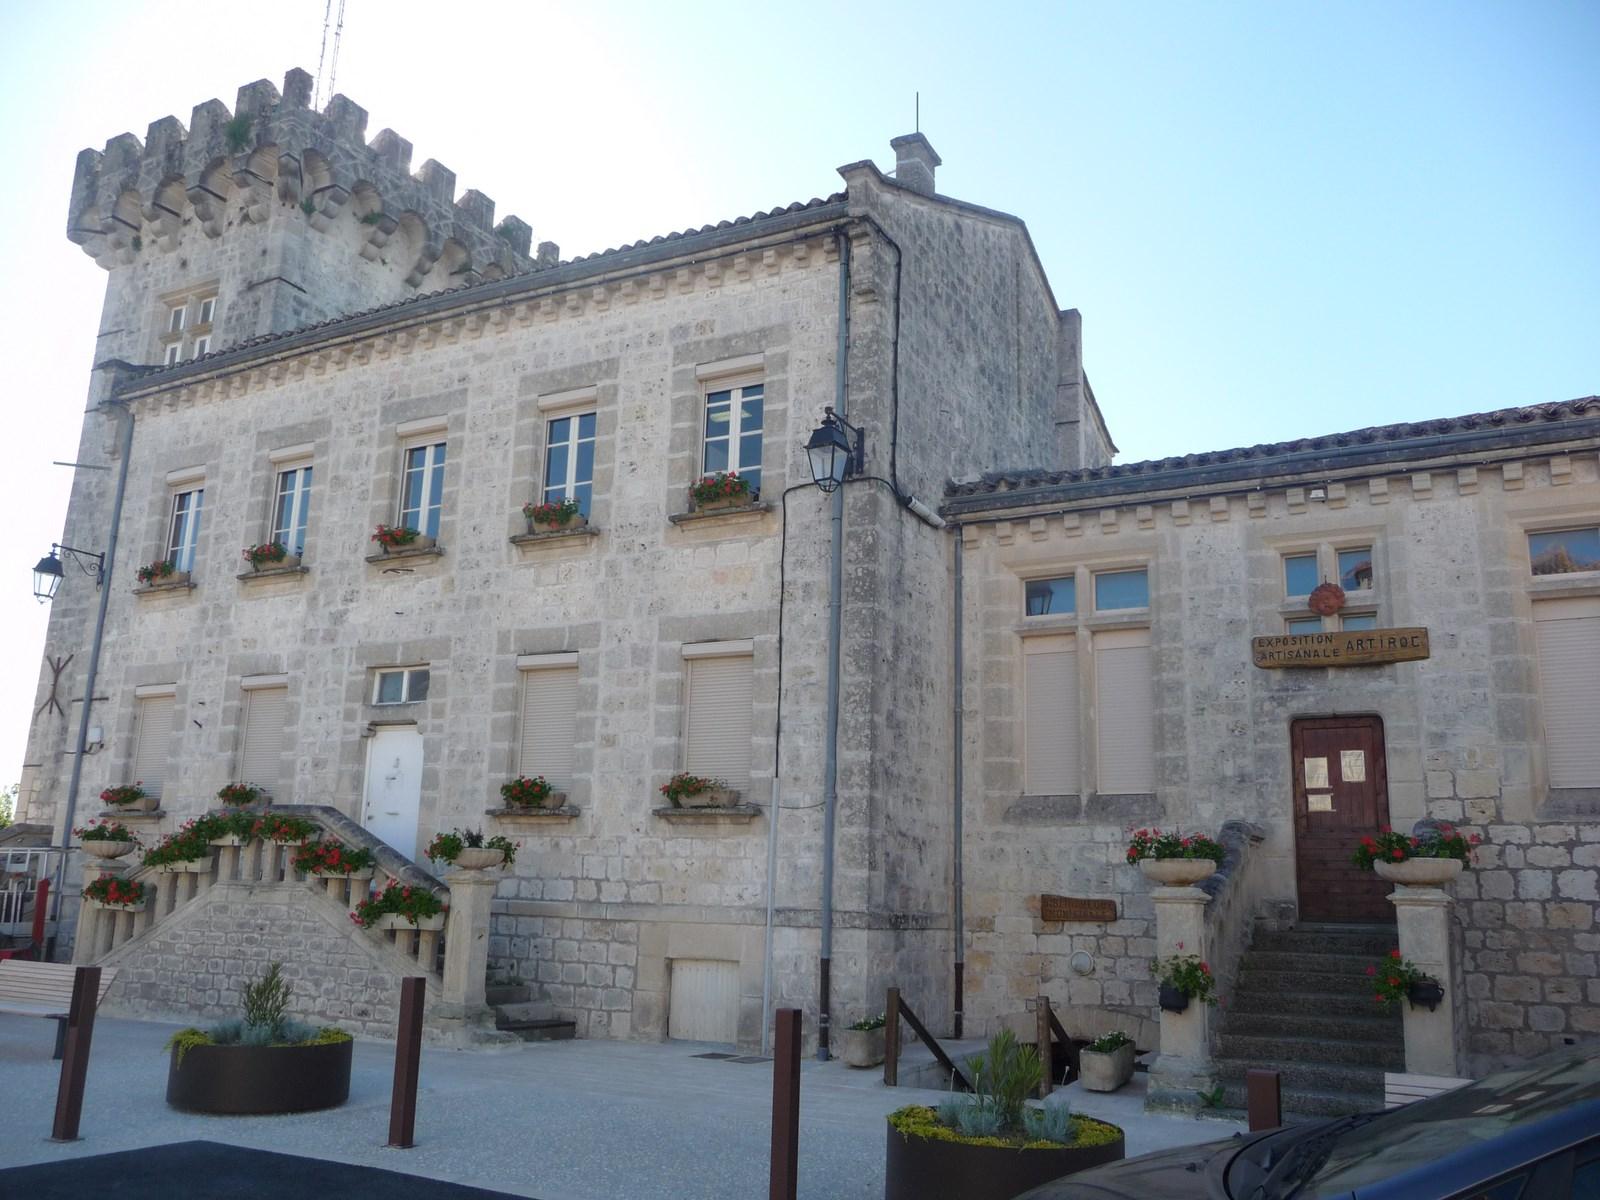 Roquecor Mairie